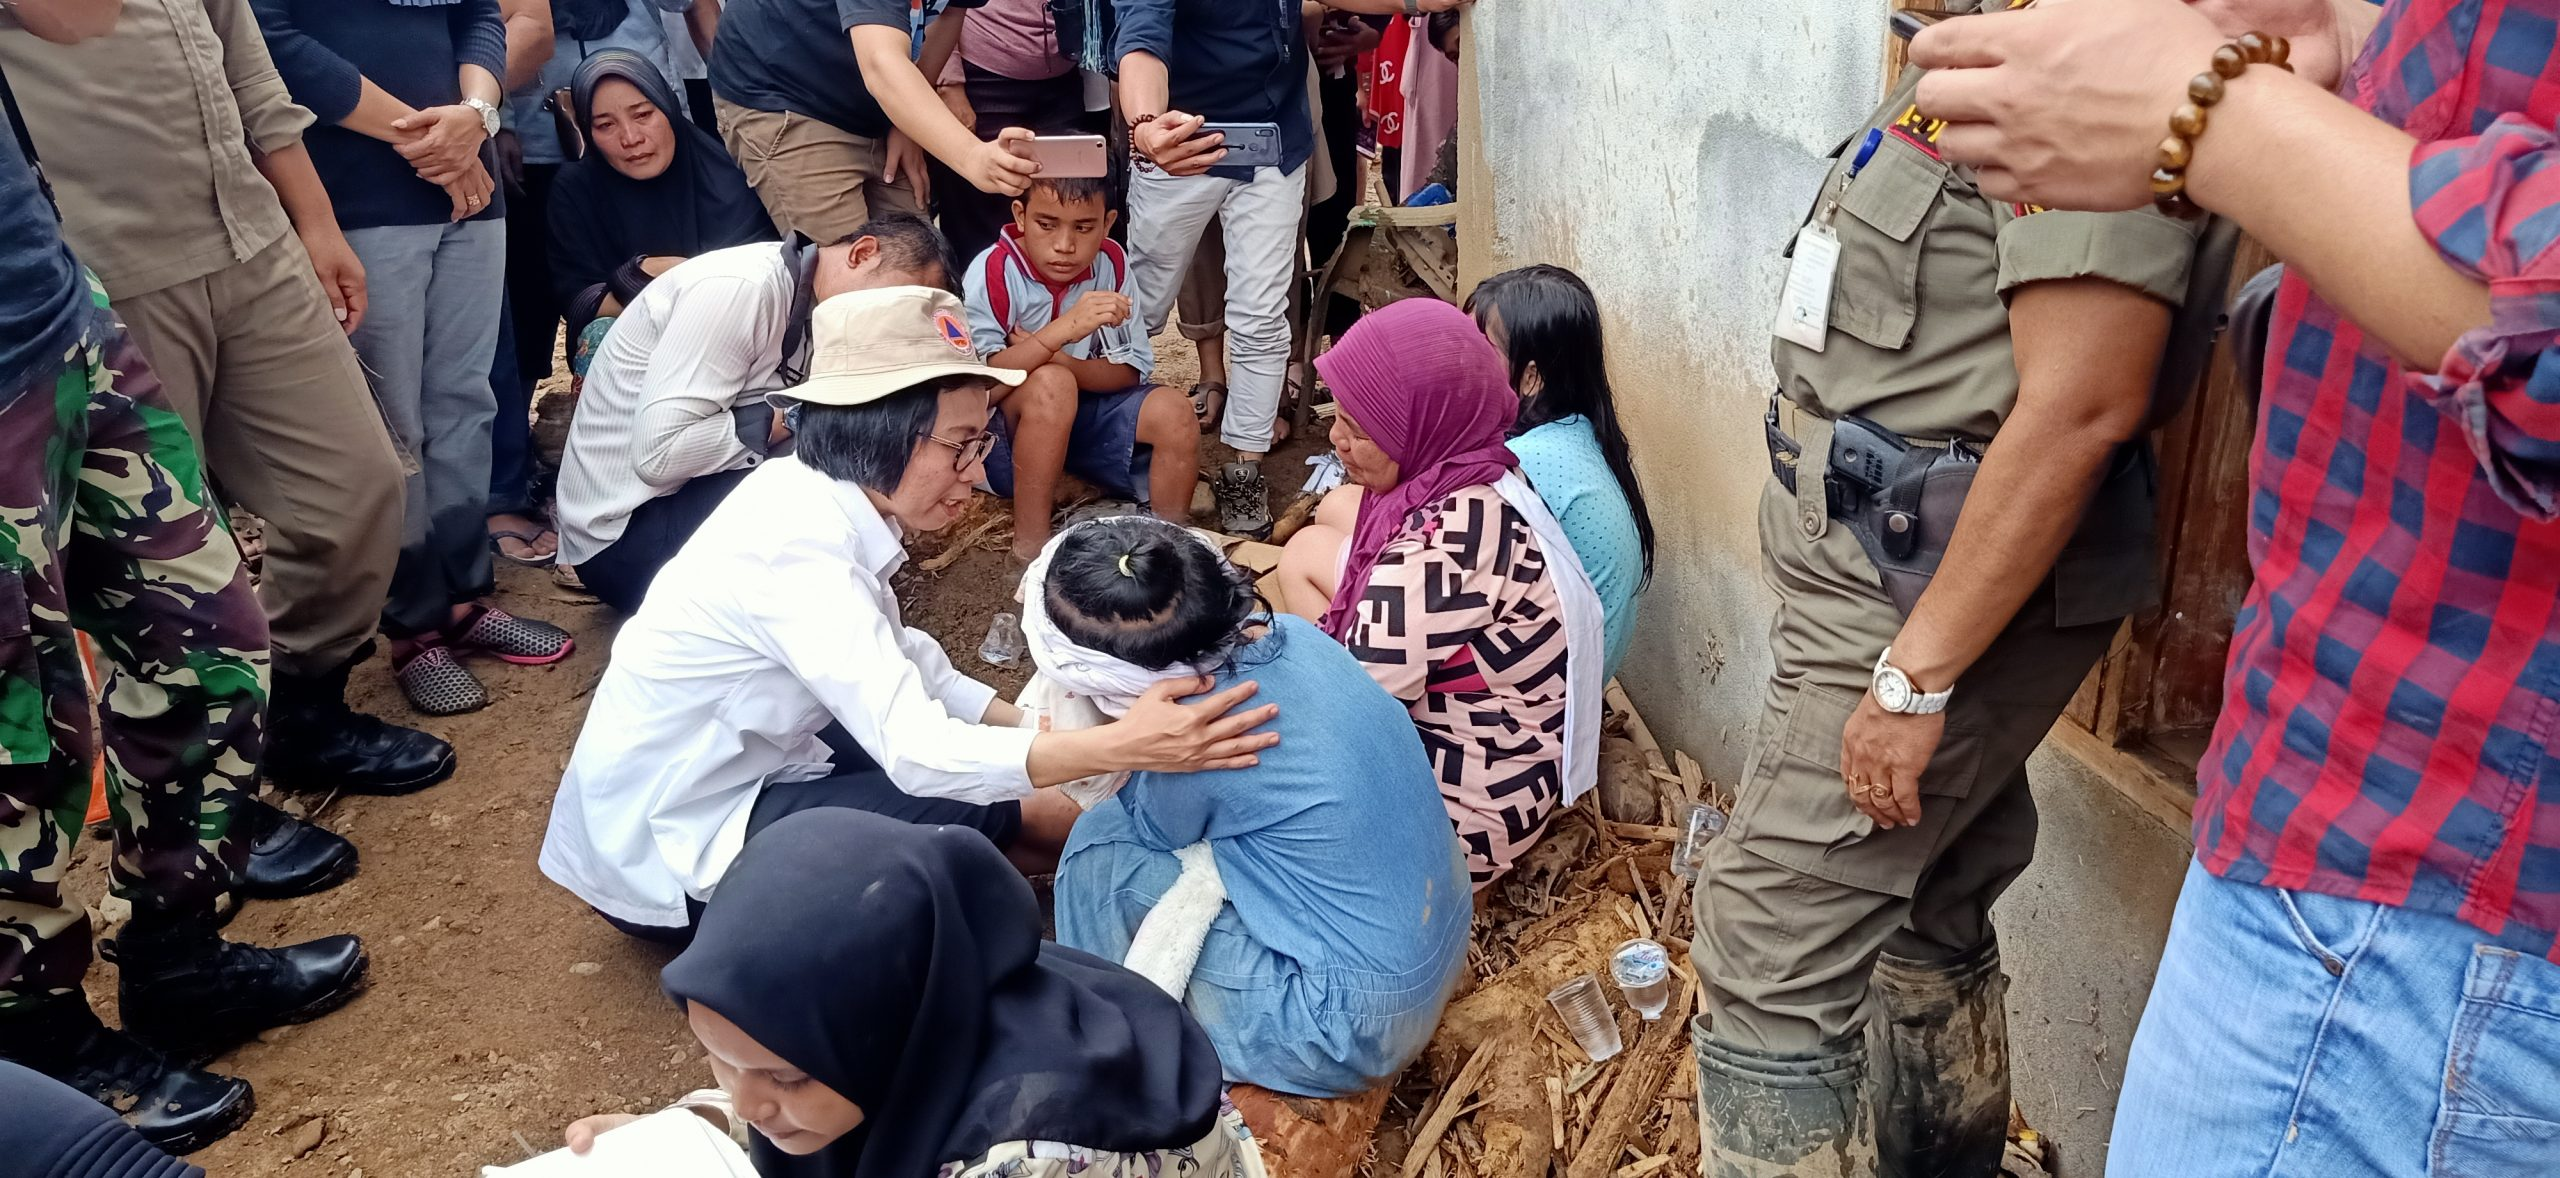 Kunjungi Lokasi Banjir Bandang, Yasti : Duka Mereka Duka Kita Juga